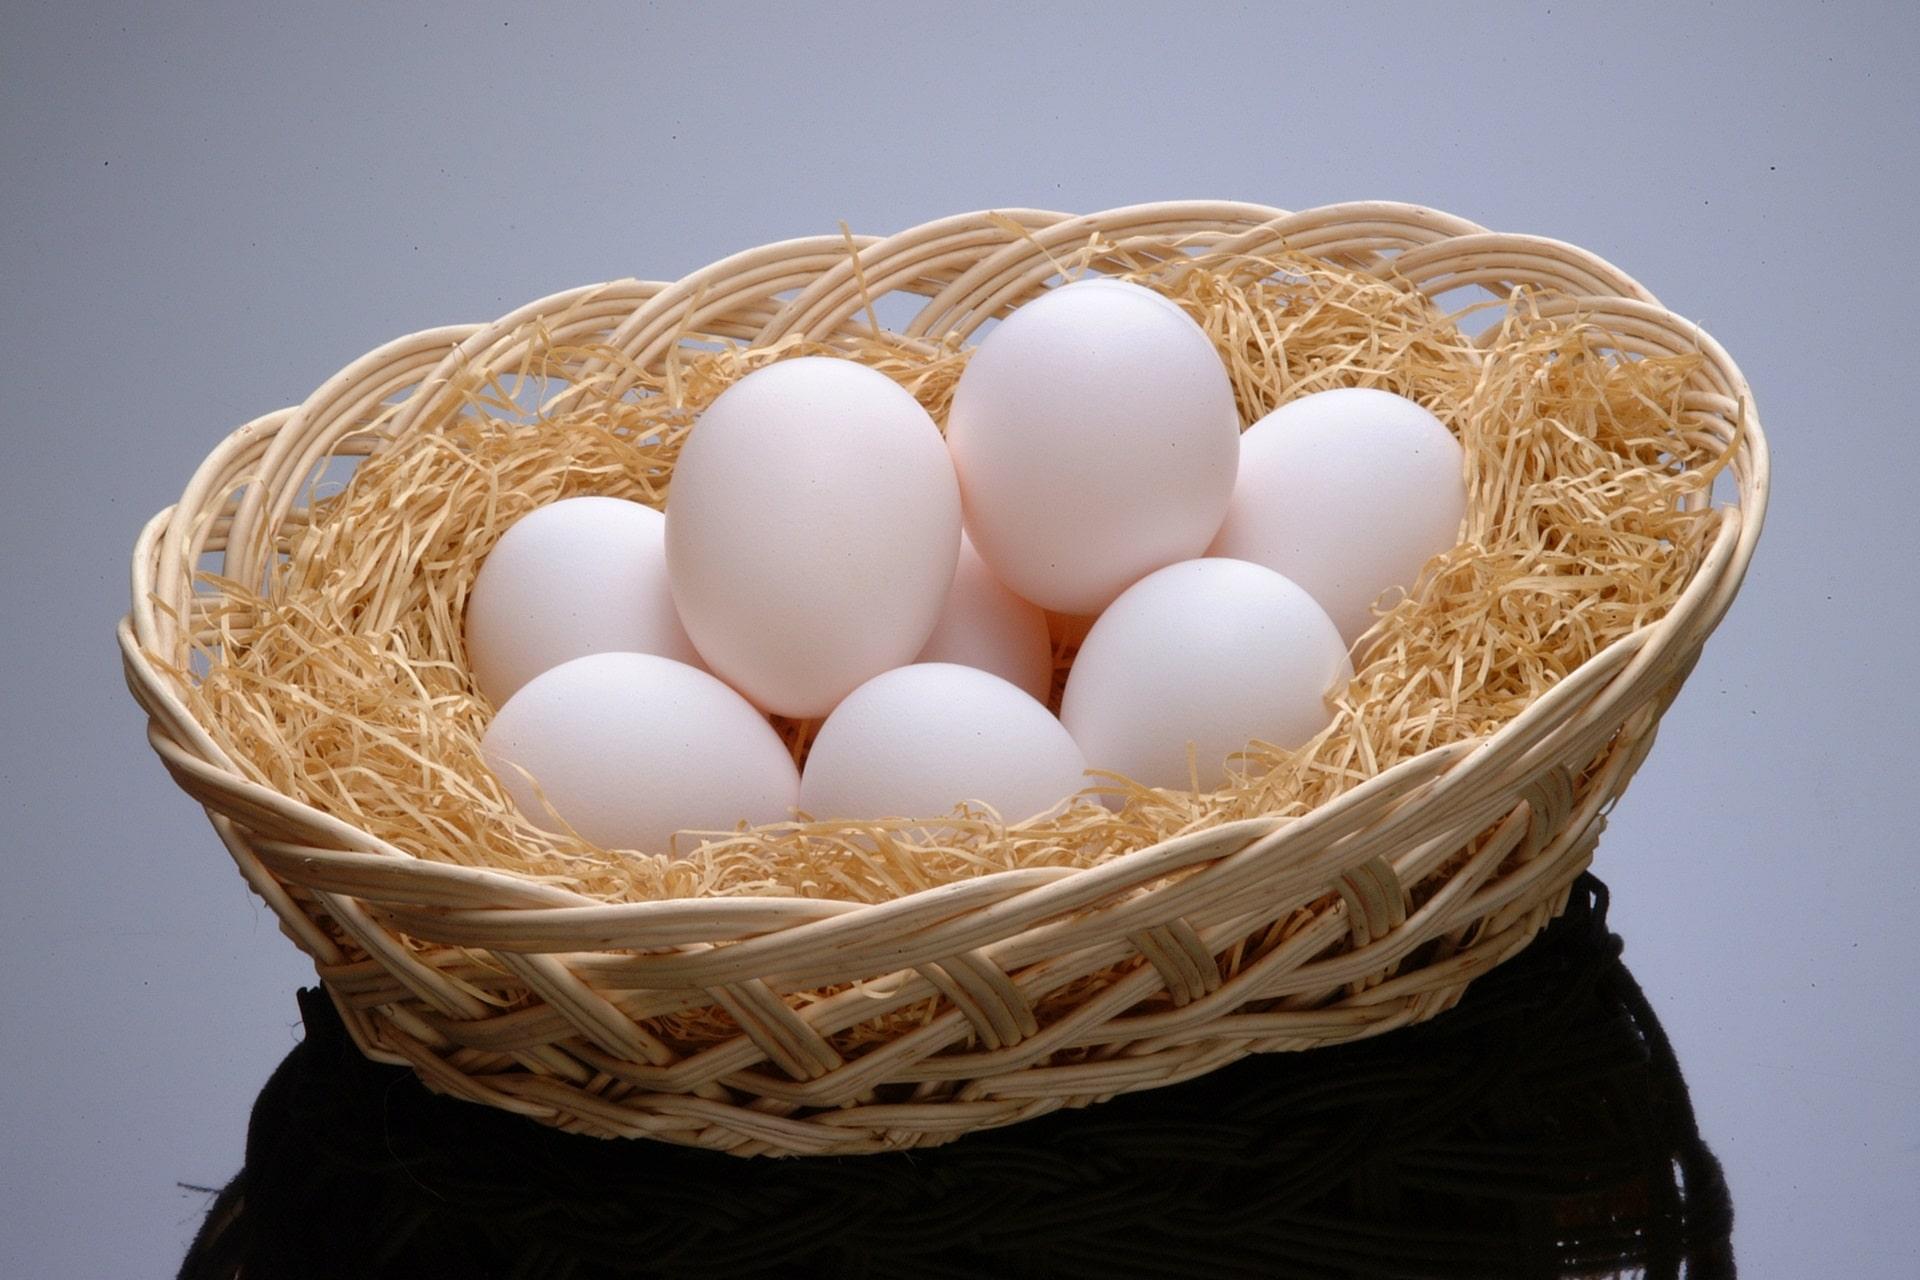 卵の糖質はどれくらい?糖質制限中に卵を食べた方が良い理由とは?